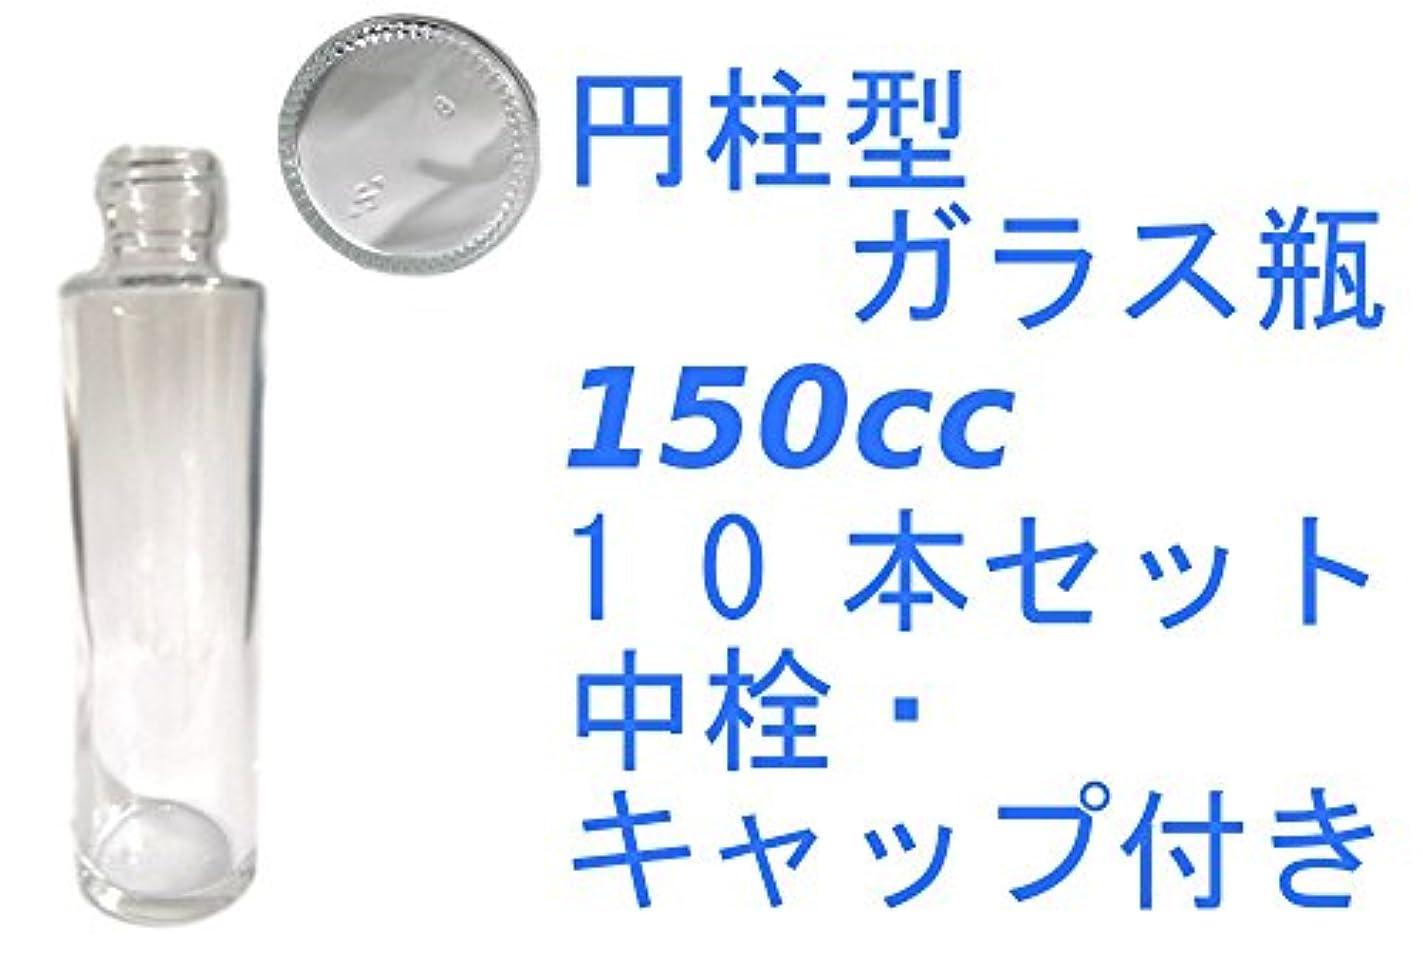 令状マークダウンテレビ局(ジャストユーズ)JustU's 日本製 ポリ栓 中栓付き円柱型ガラス瓶 10本セット 150cc 150ml アロマディフューザー ハーバリウム 調味料 オイル タレ ドレッシング瓶 B10-SSS150A-S